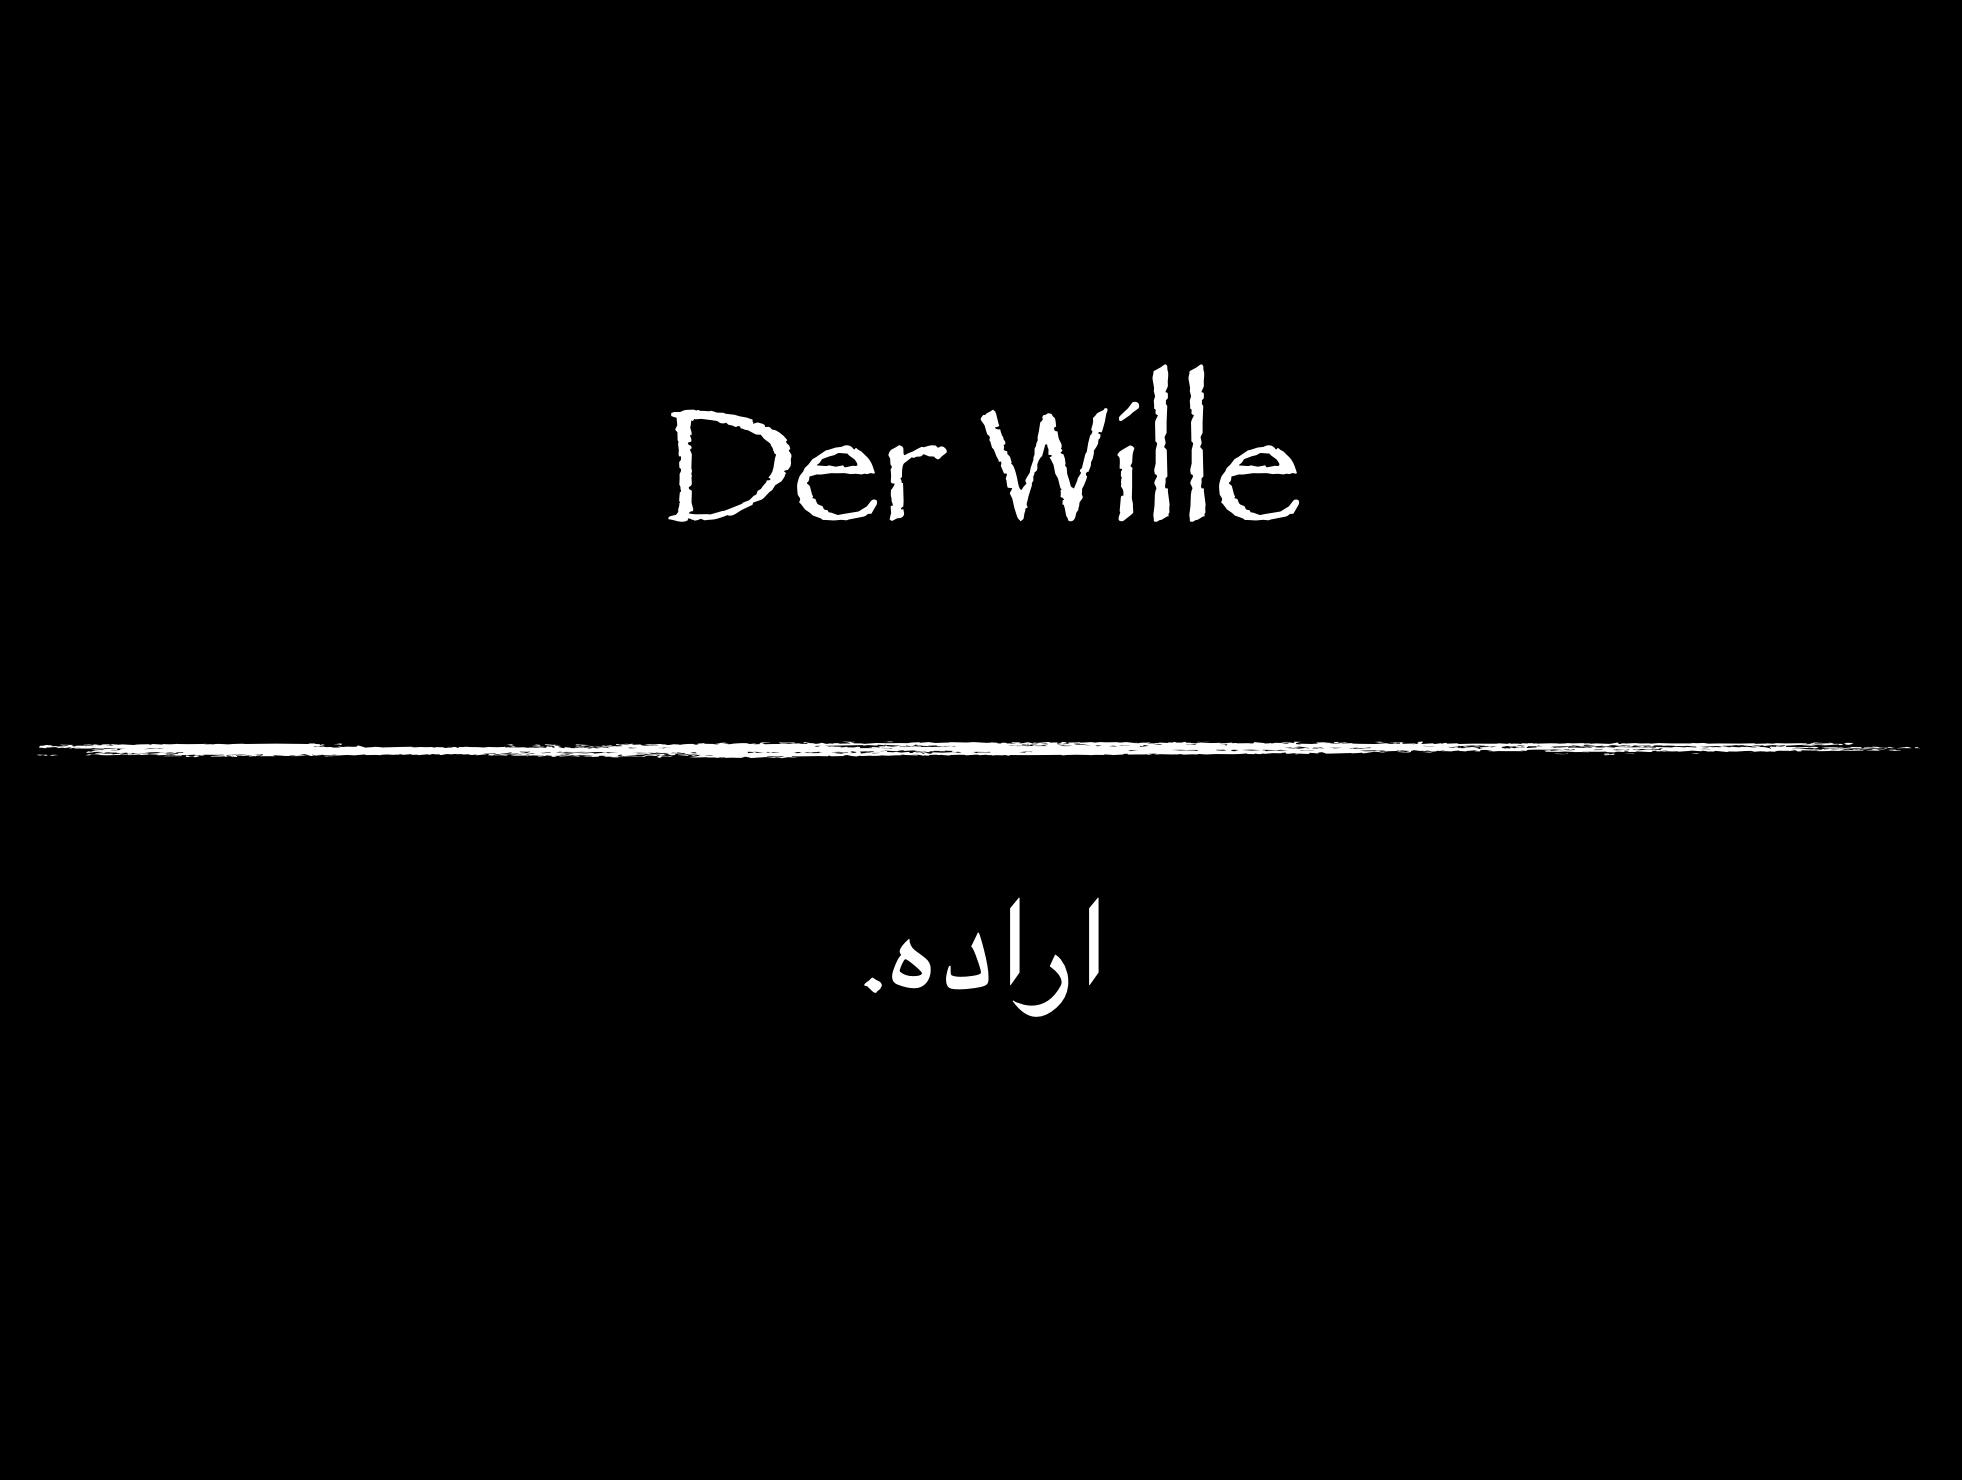 Der Wille